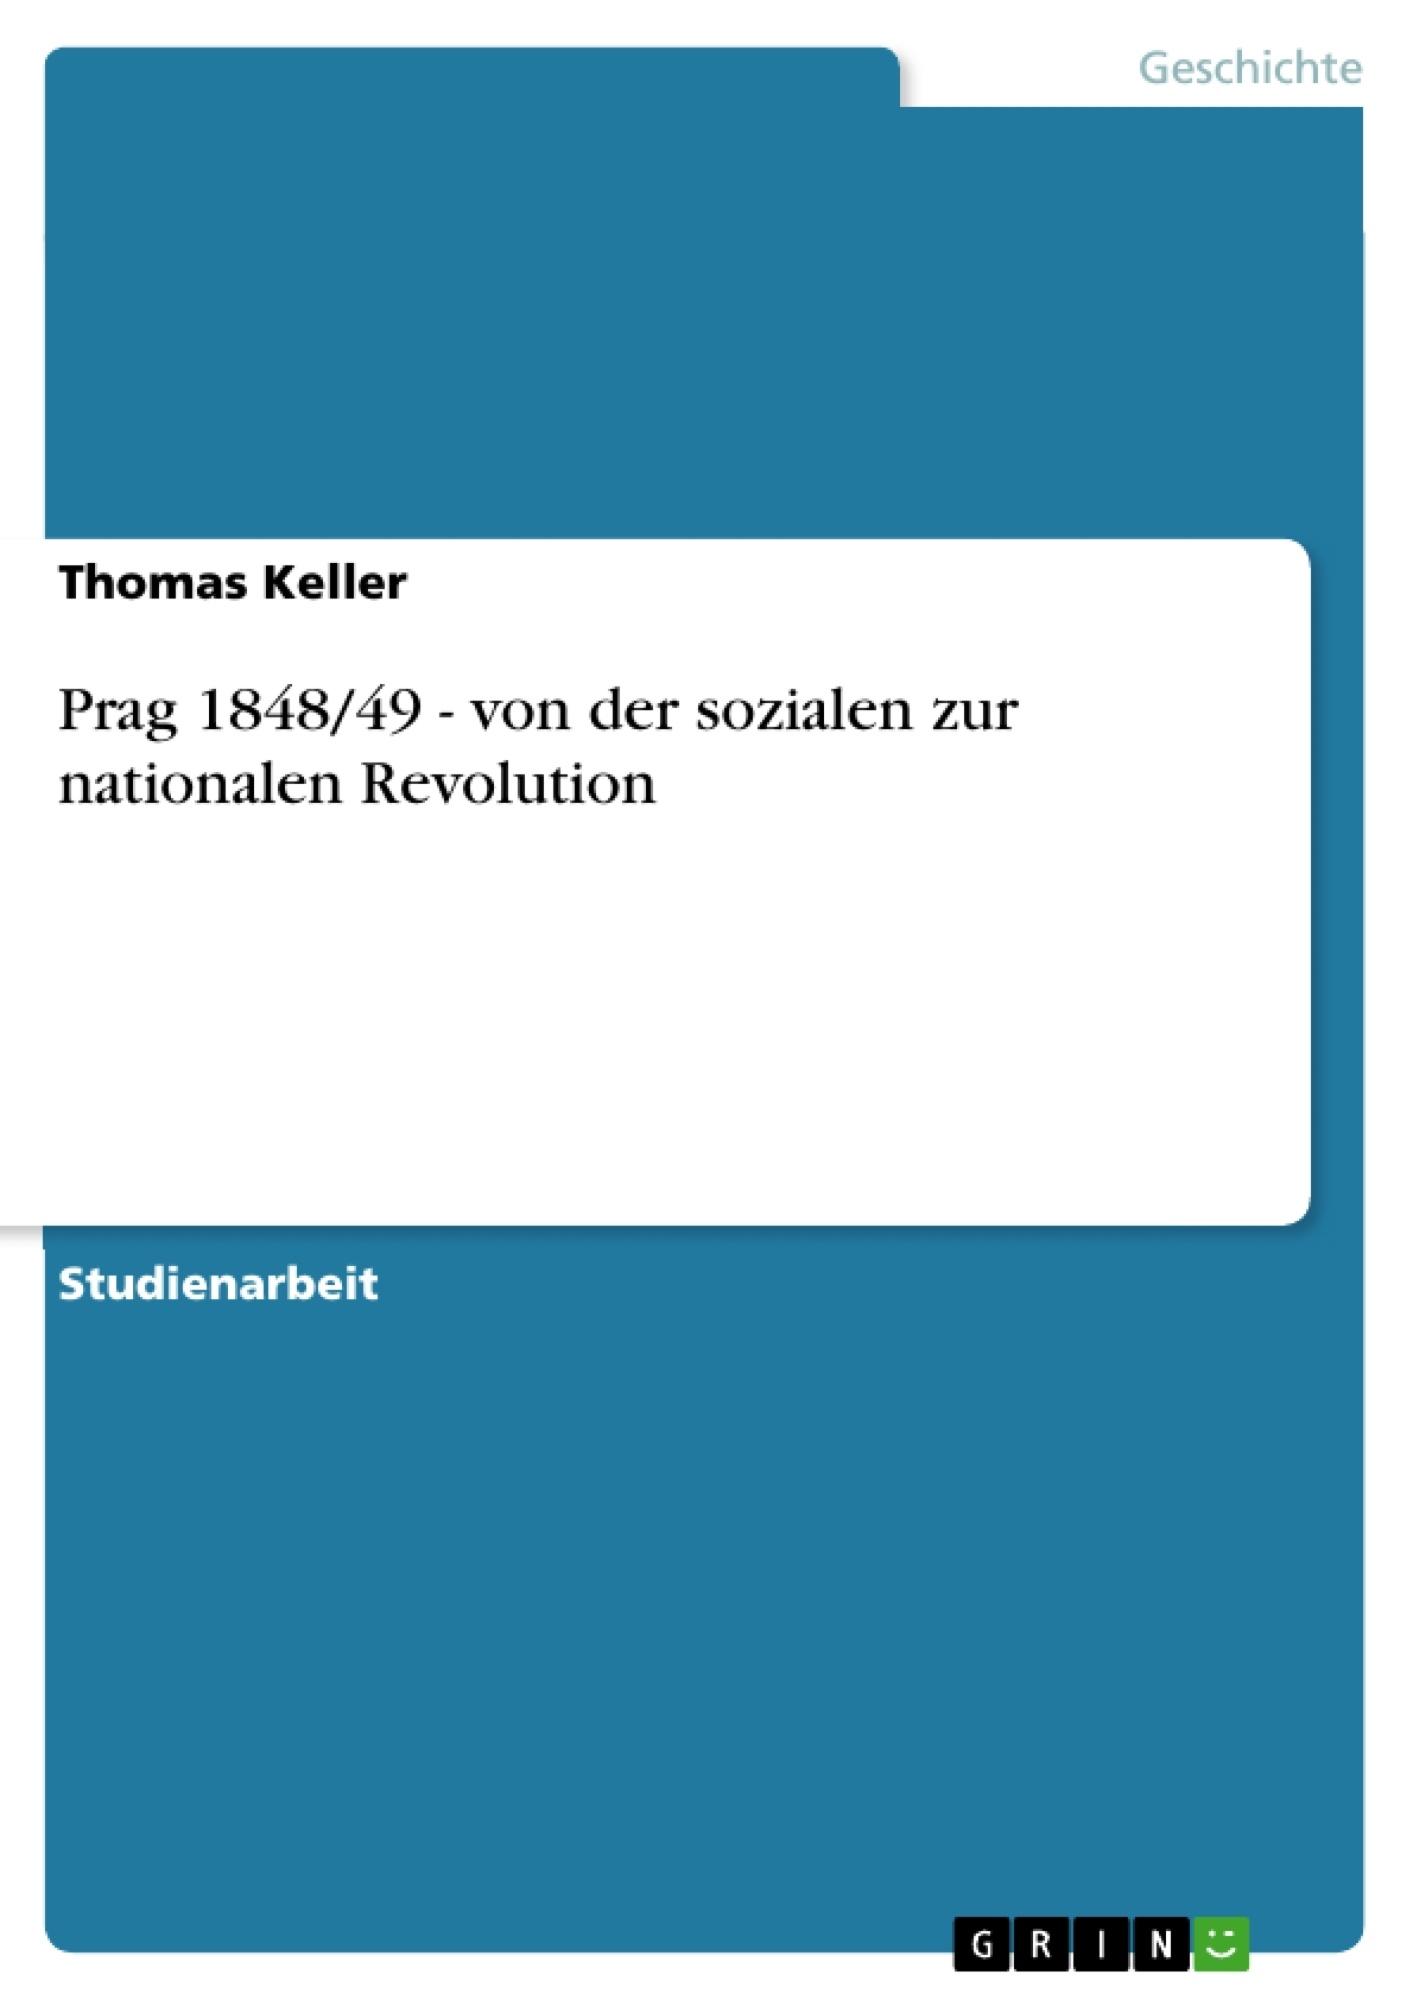 Titel: Prag 1848/49 - von der sozialen zur nationalen Revolution